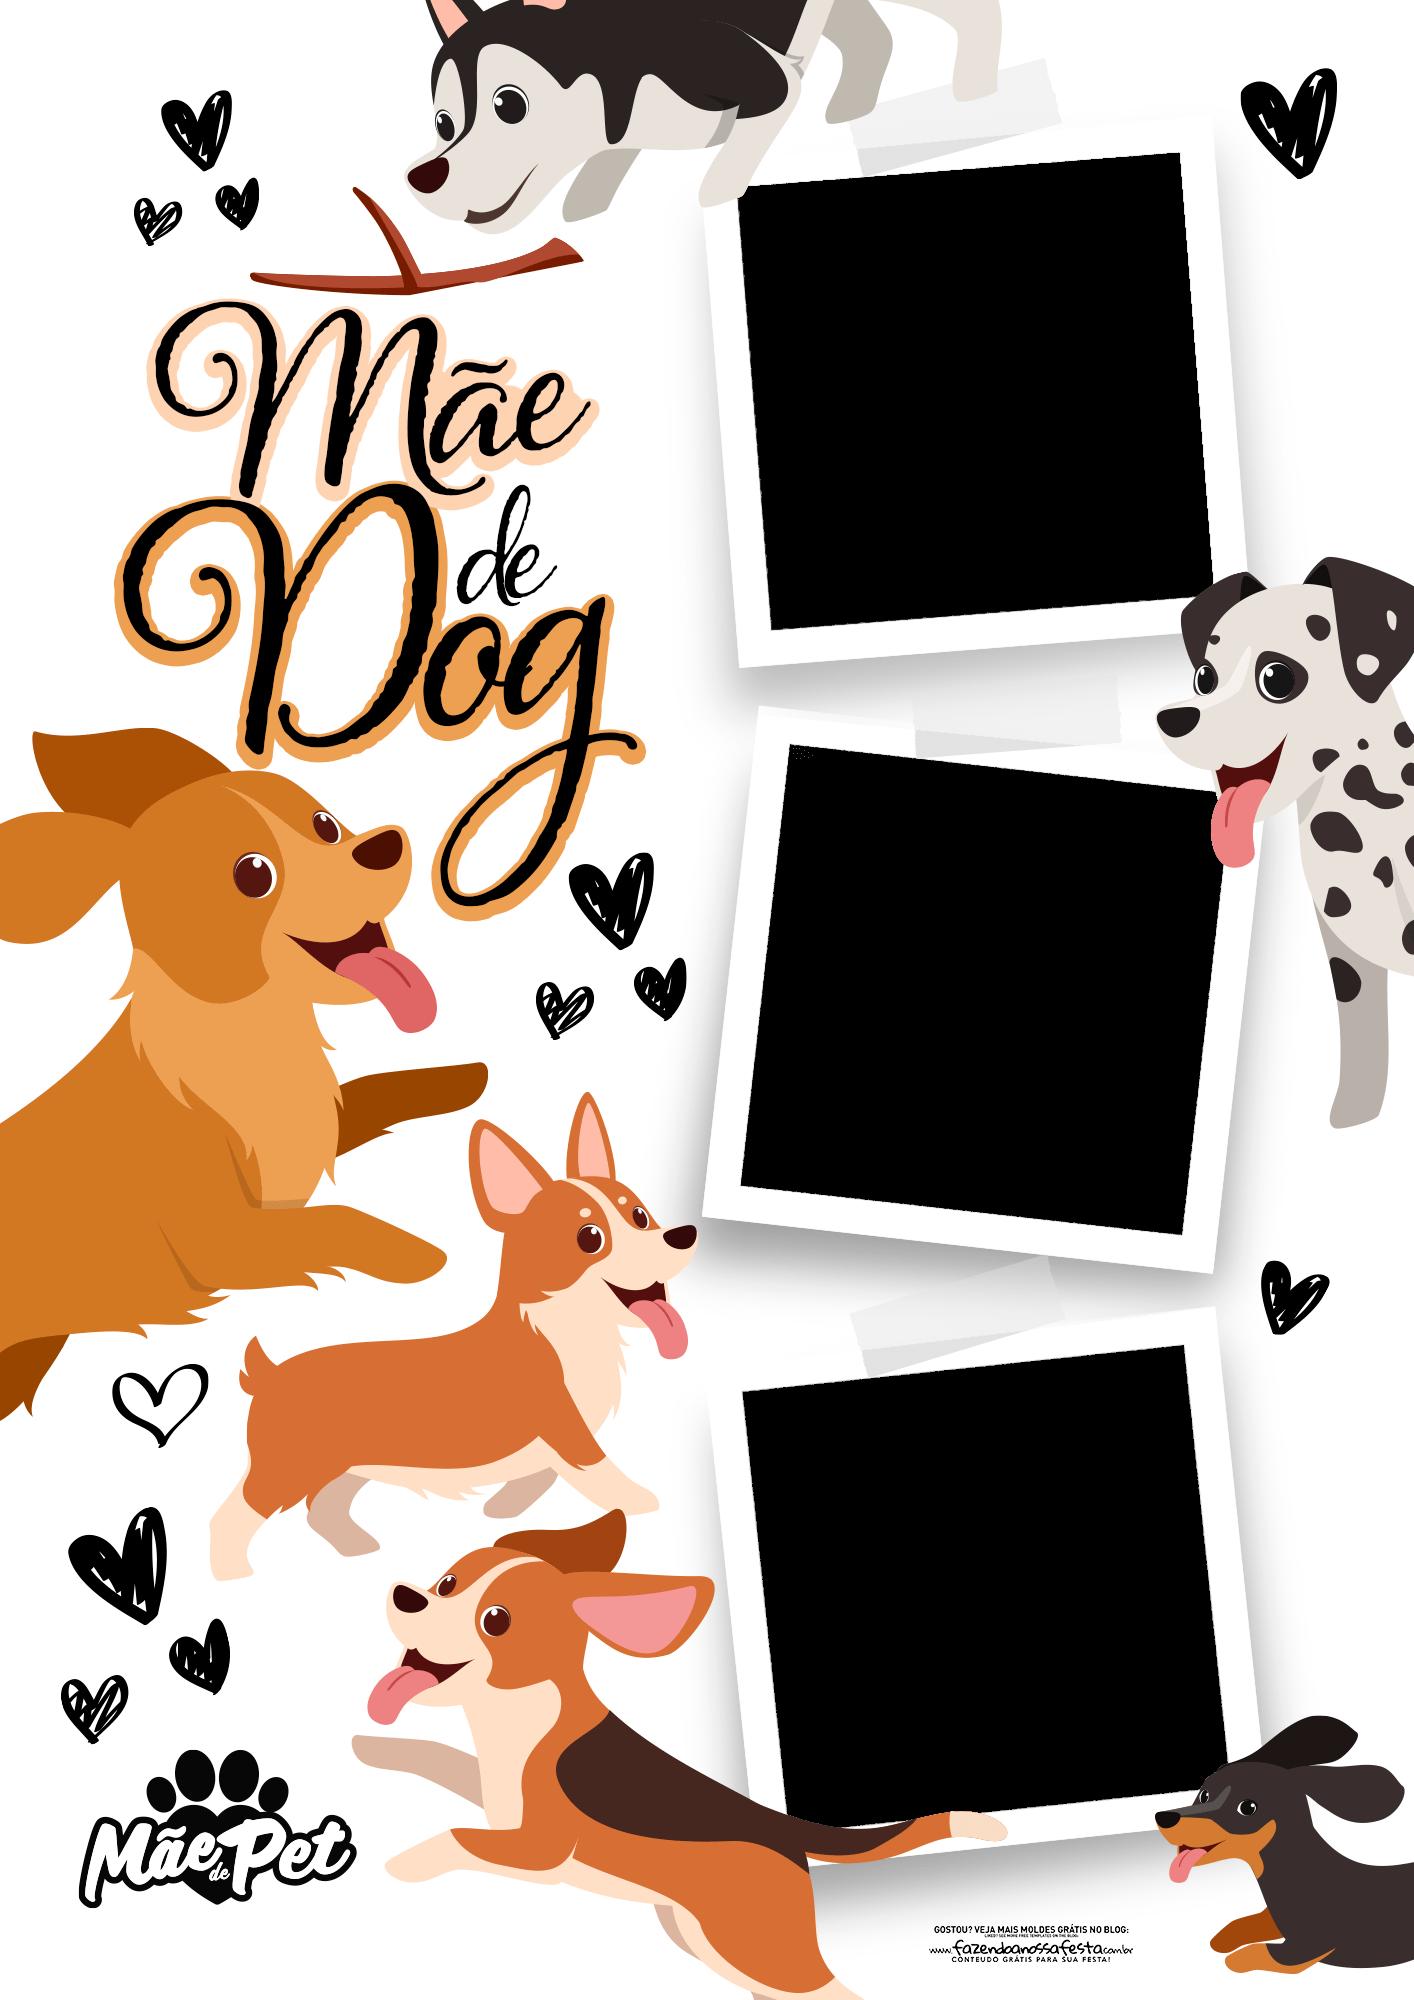 Quadro Dia das Maes Personalizado com fotos Mae de dog